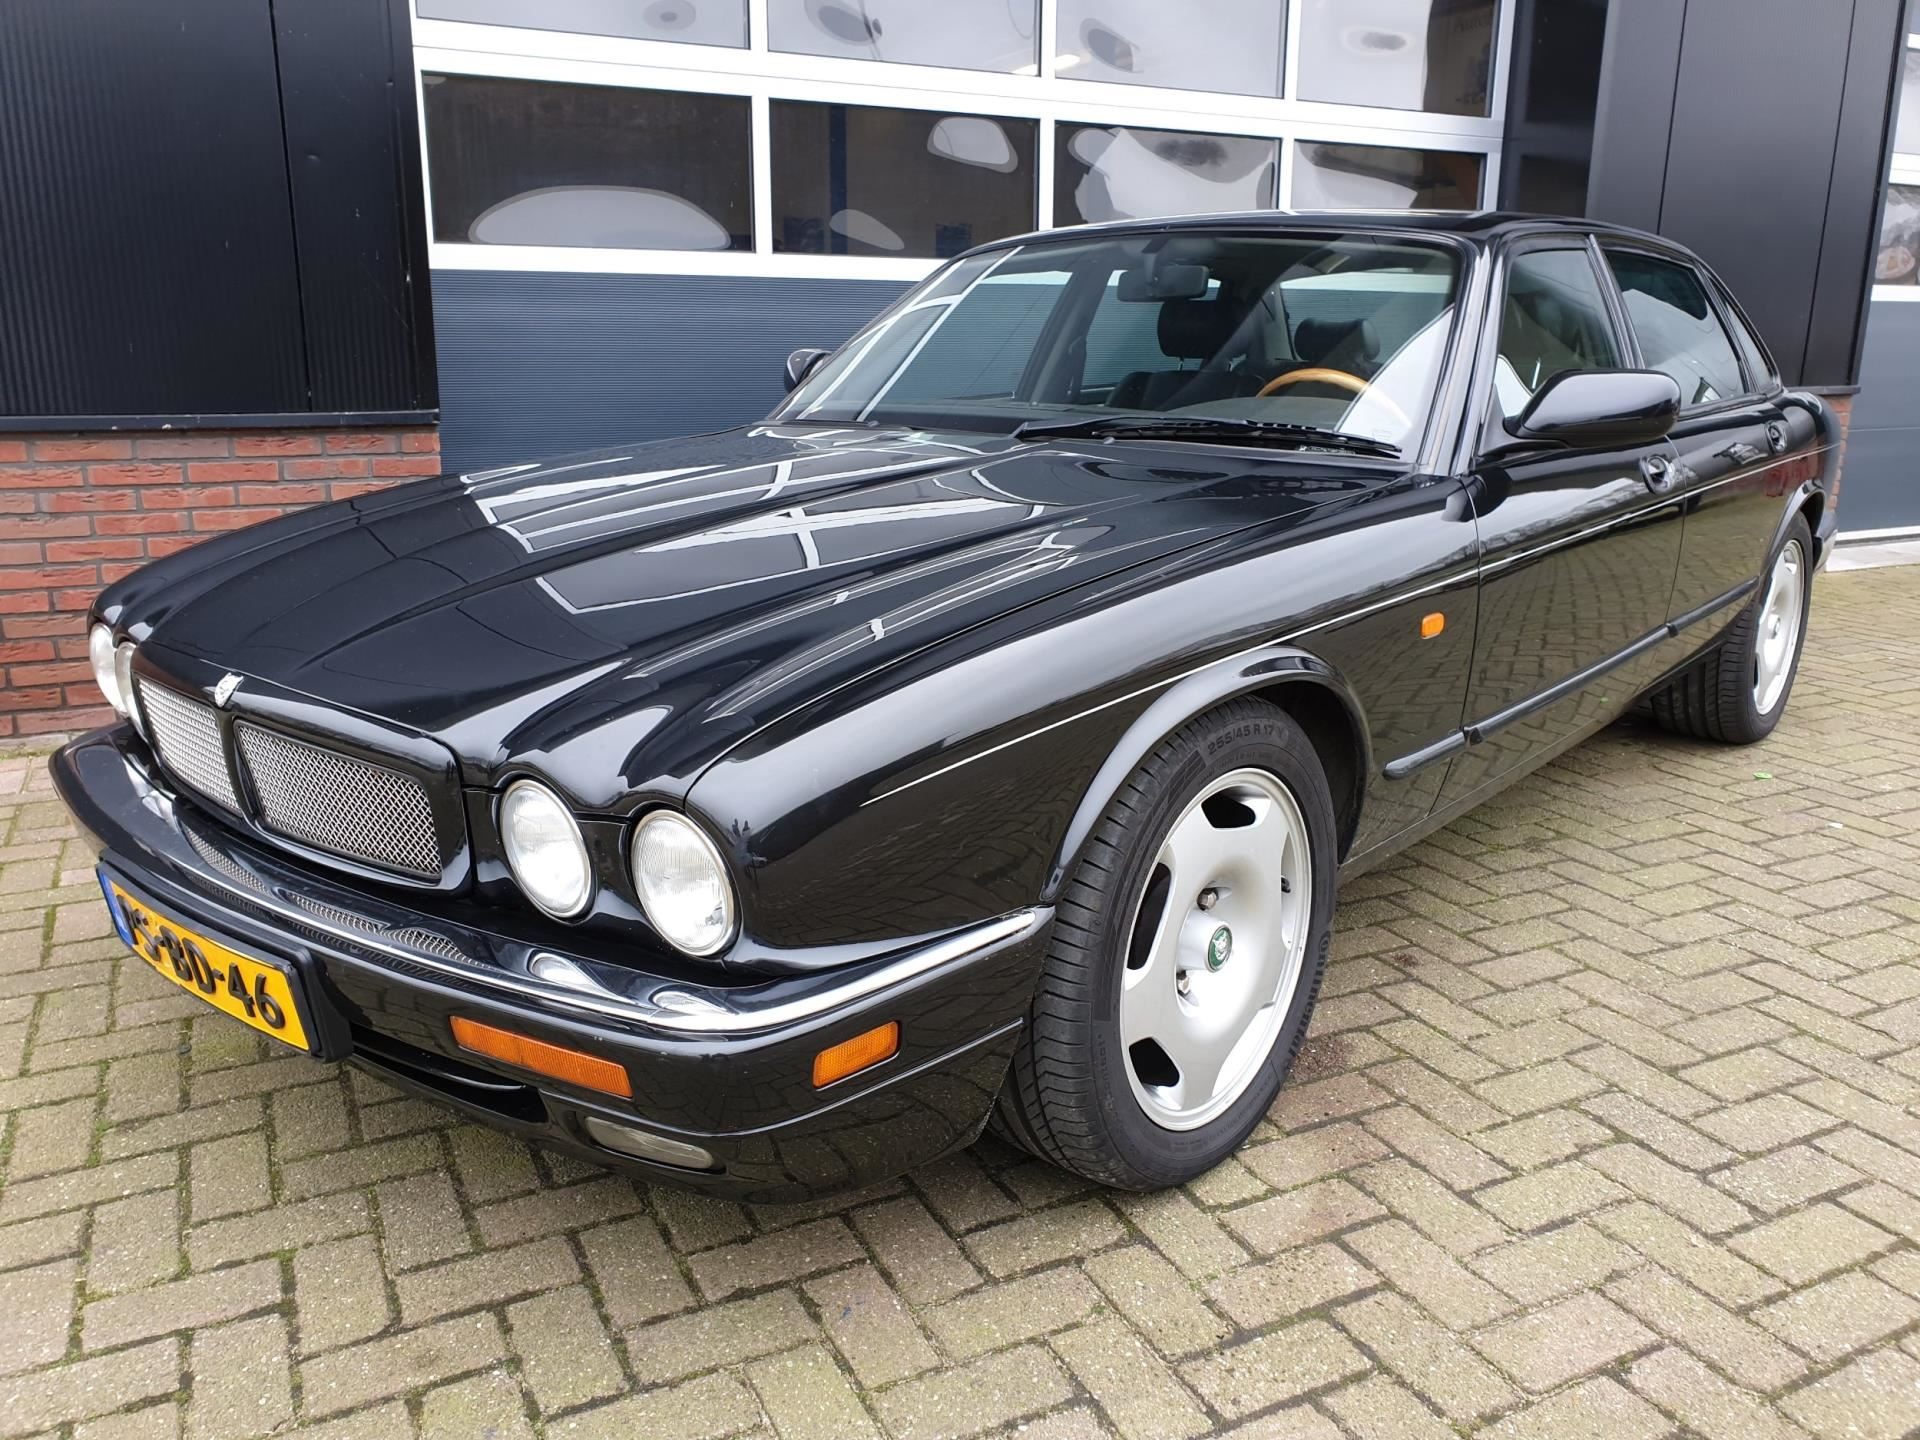 Jaguar XJ occasion - Autobedrijf de Gelderlander